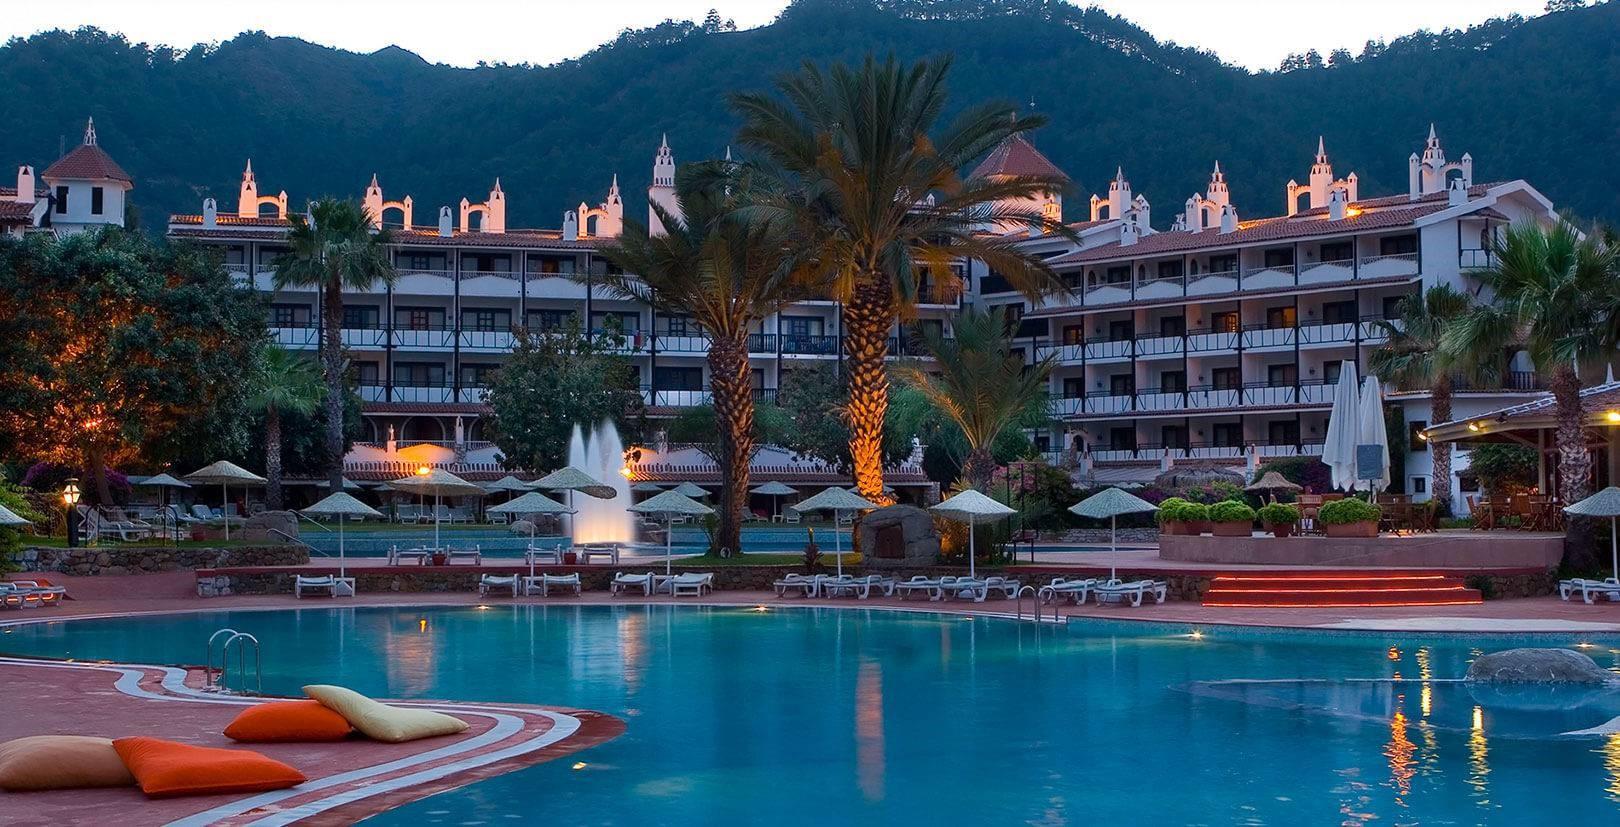 هتل های مارماریس